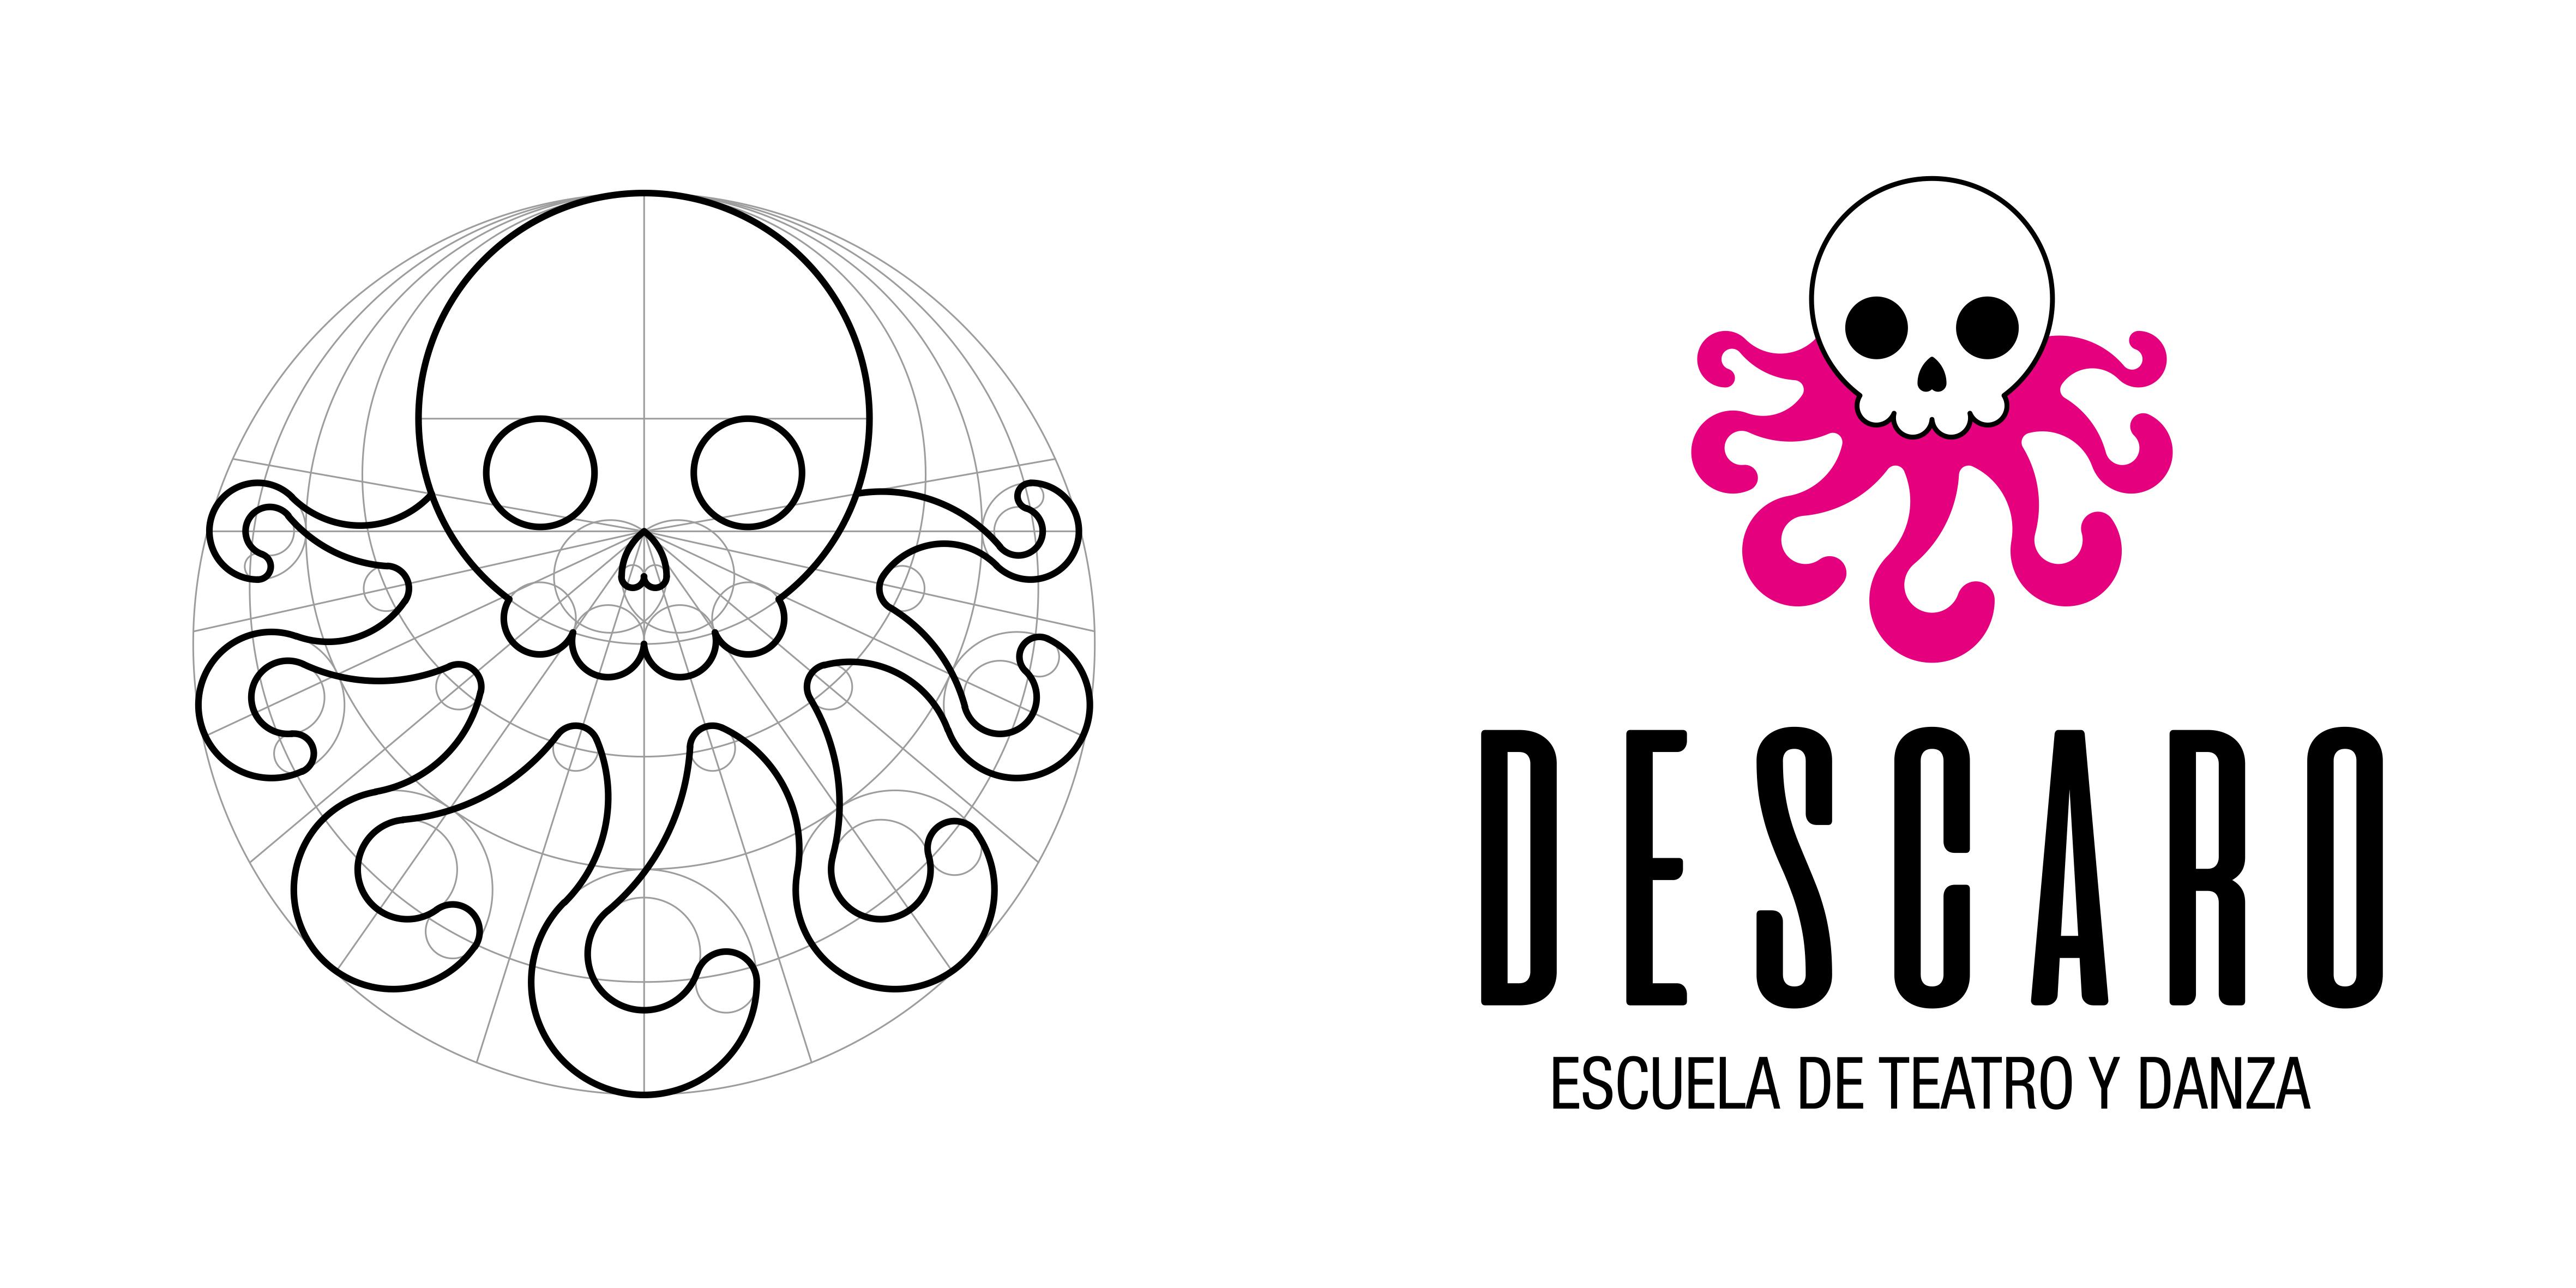 Descaro. Escuela de Teatro y Danza by Daniel Martín Carrascosa - Creative Work